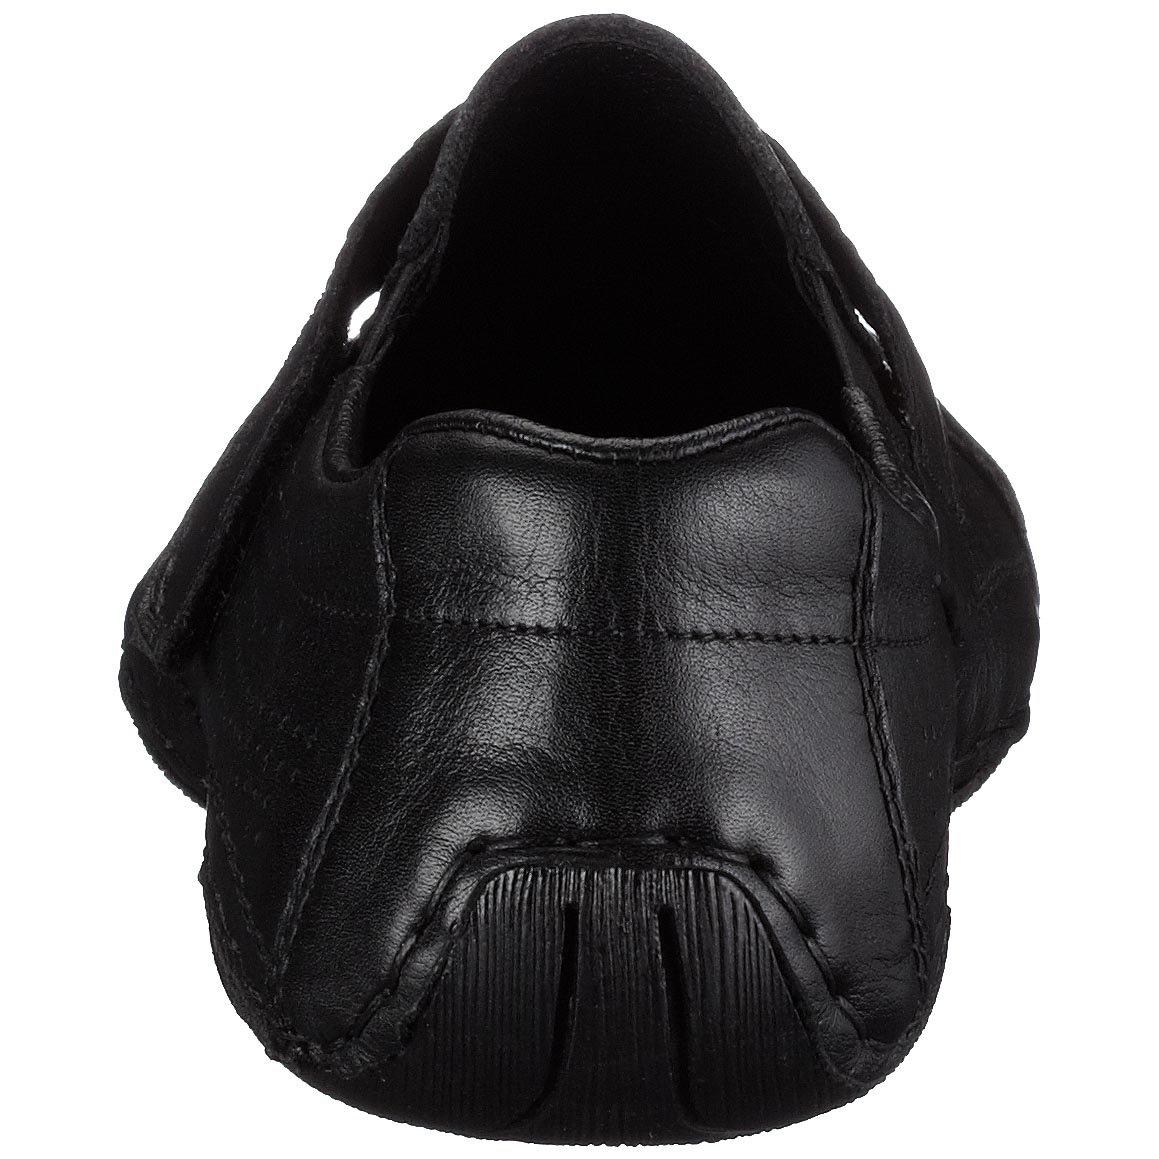 Rieker Joschua 09365 00, Herren Slipper, schwarz, (schwarz